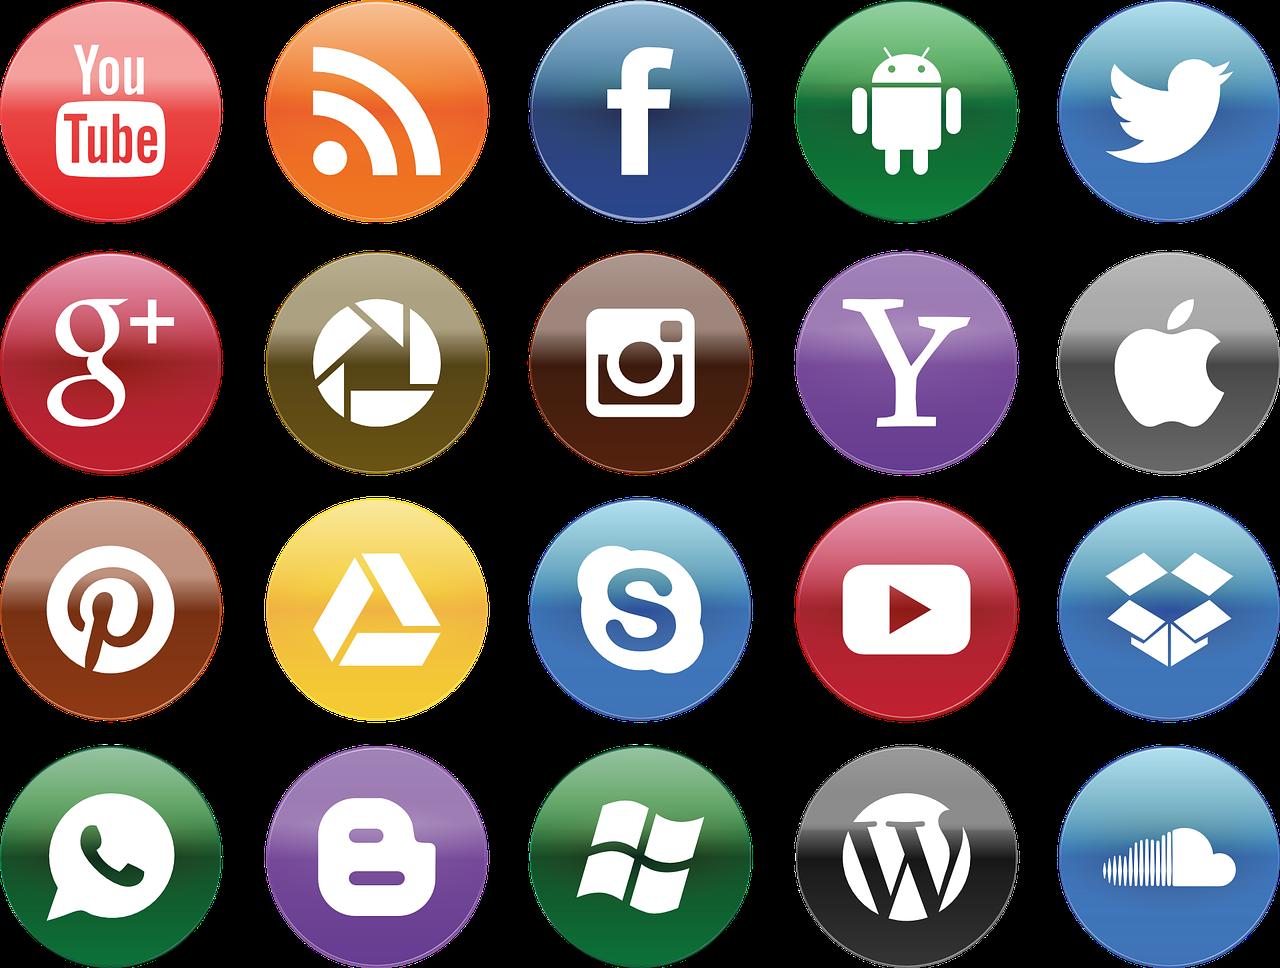 Création d'un site Internet Lanester avec WordPress